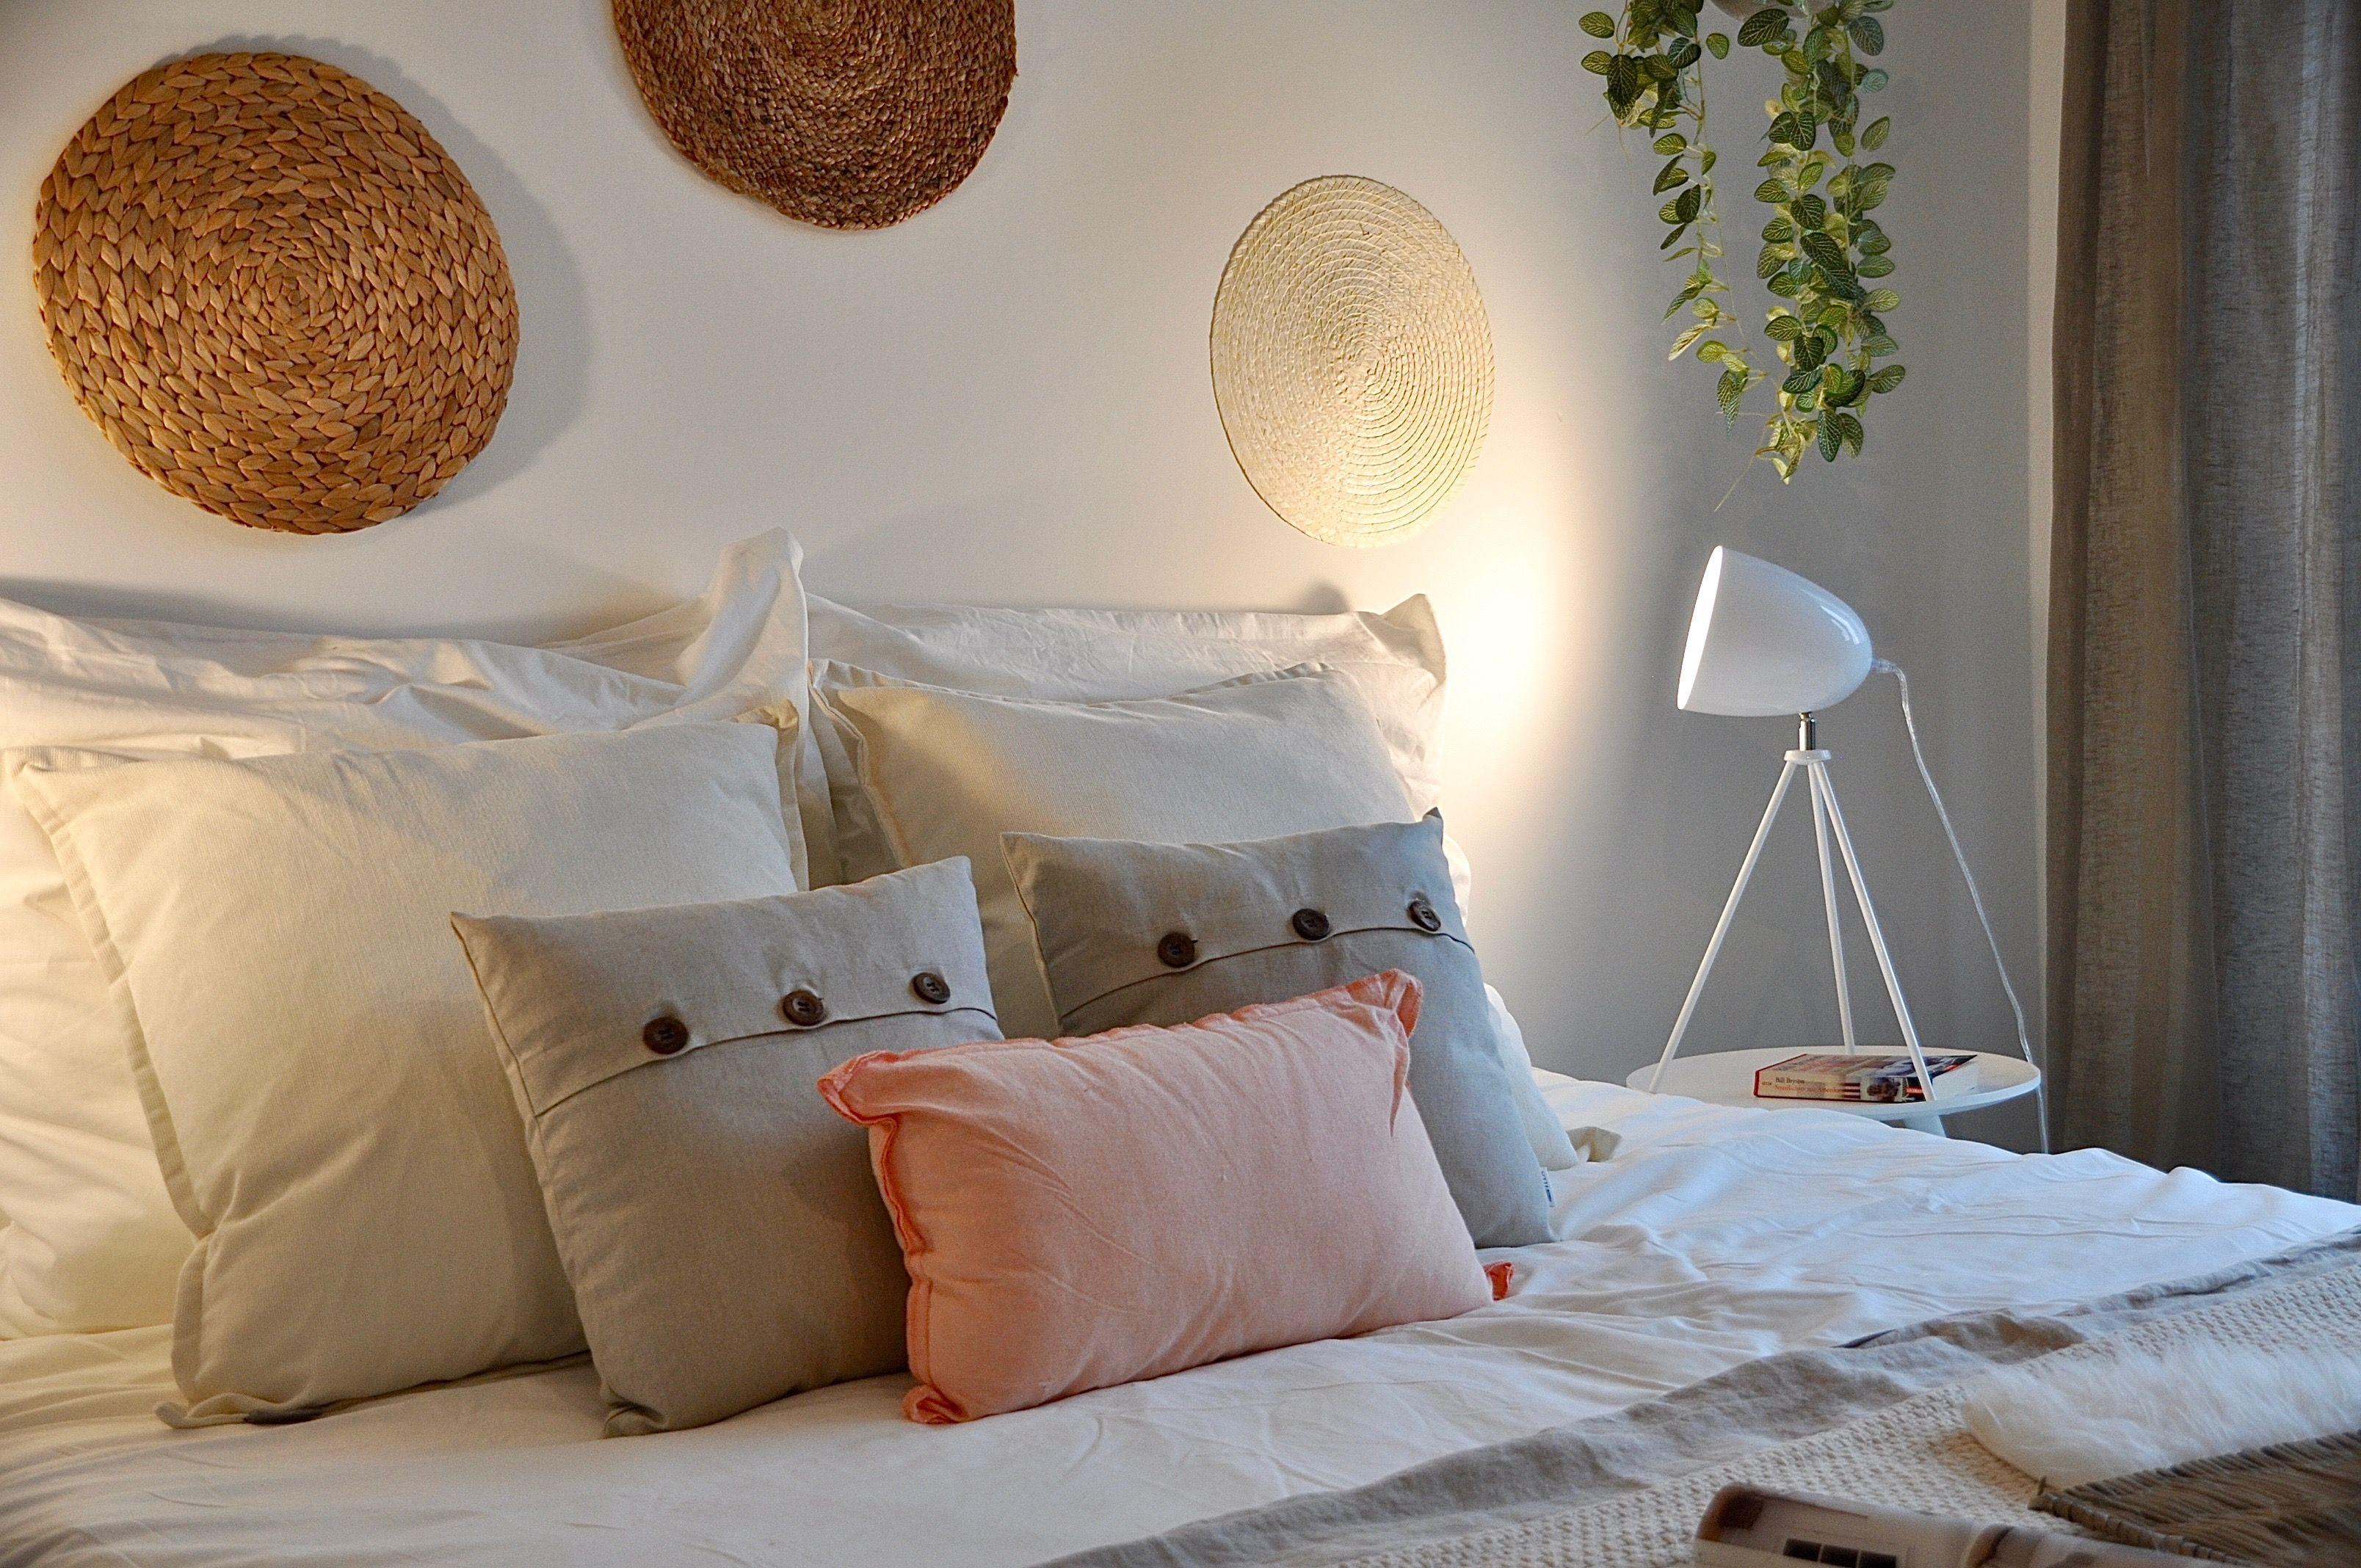 Gemutliche Schlafzimmer Dekoration Gemutliches Schlafzimmer Zimmer Schlafzimmer Inspiration